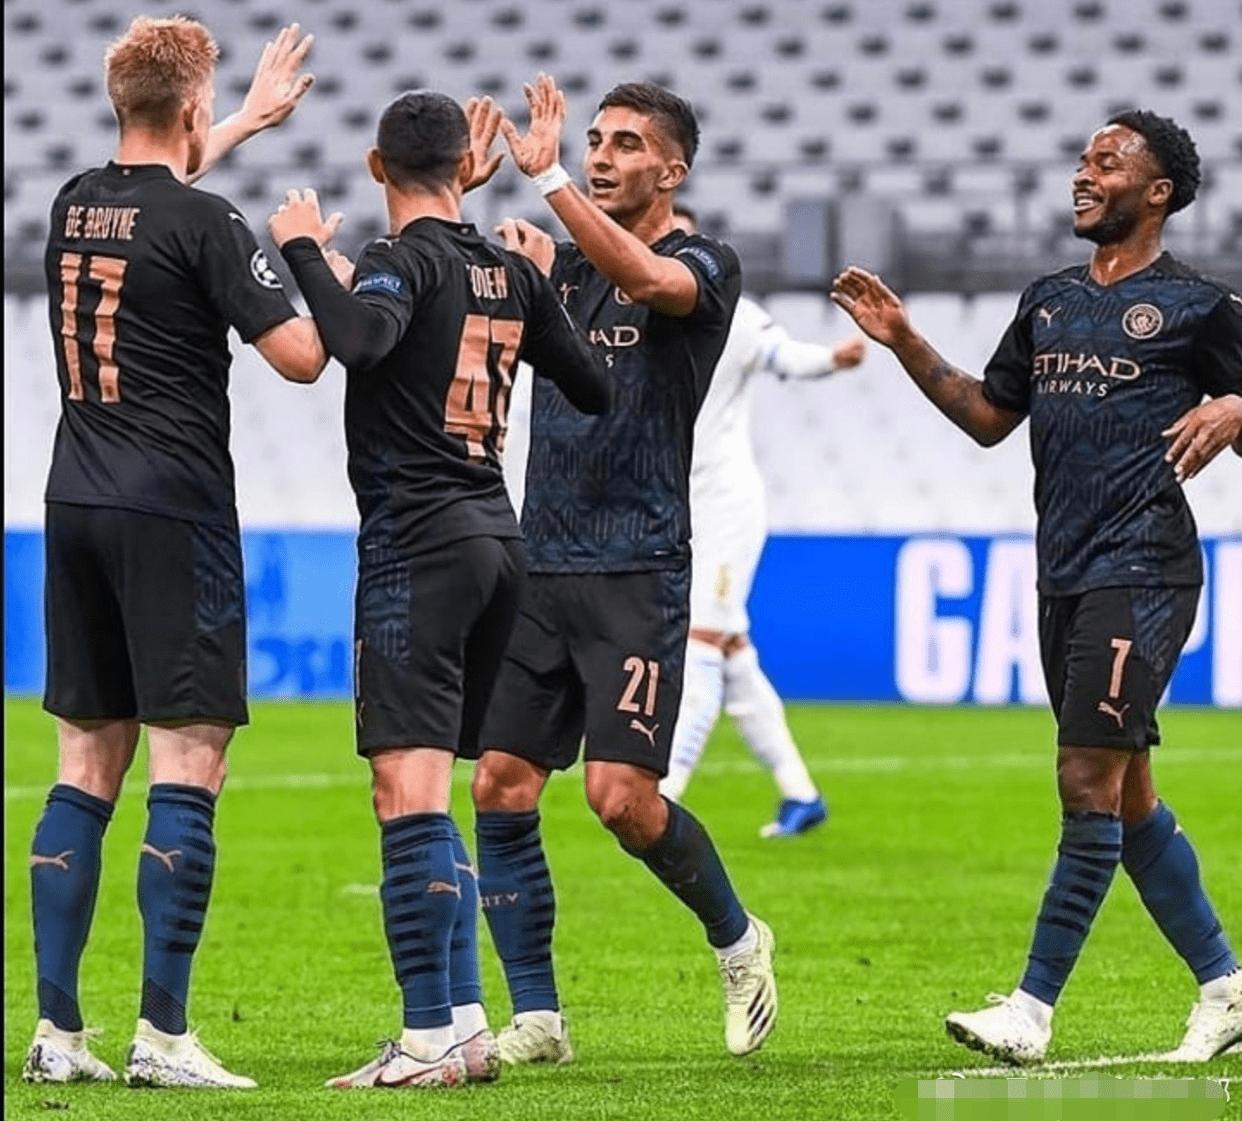 曼城3-0屠戮欧冠冠军!德布劳内献2助攻,京多安和费兰连场进球